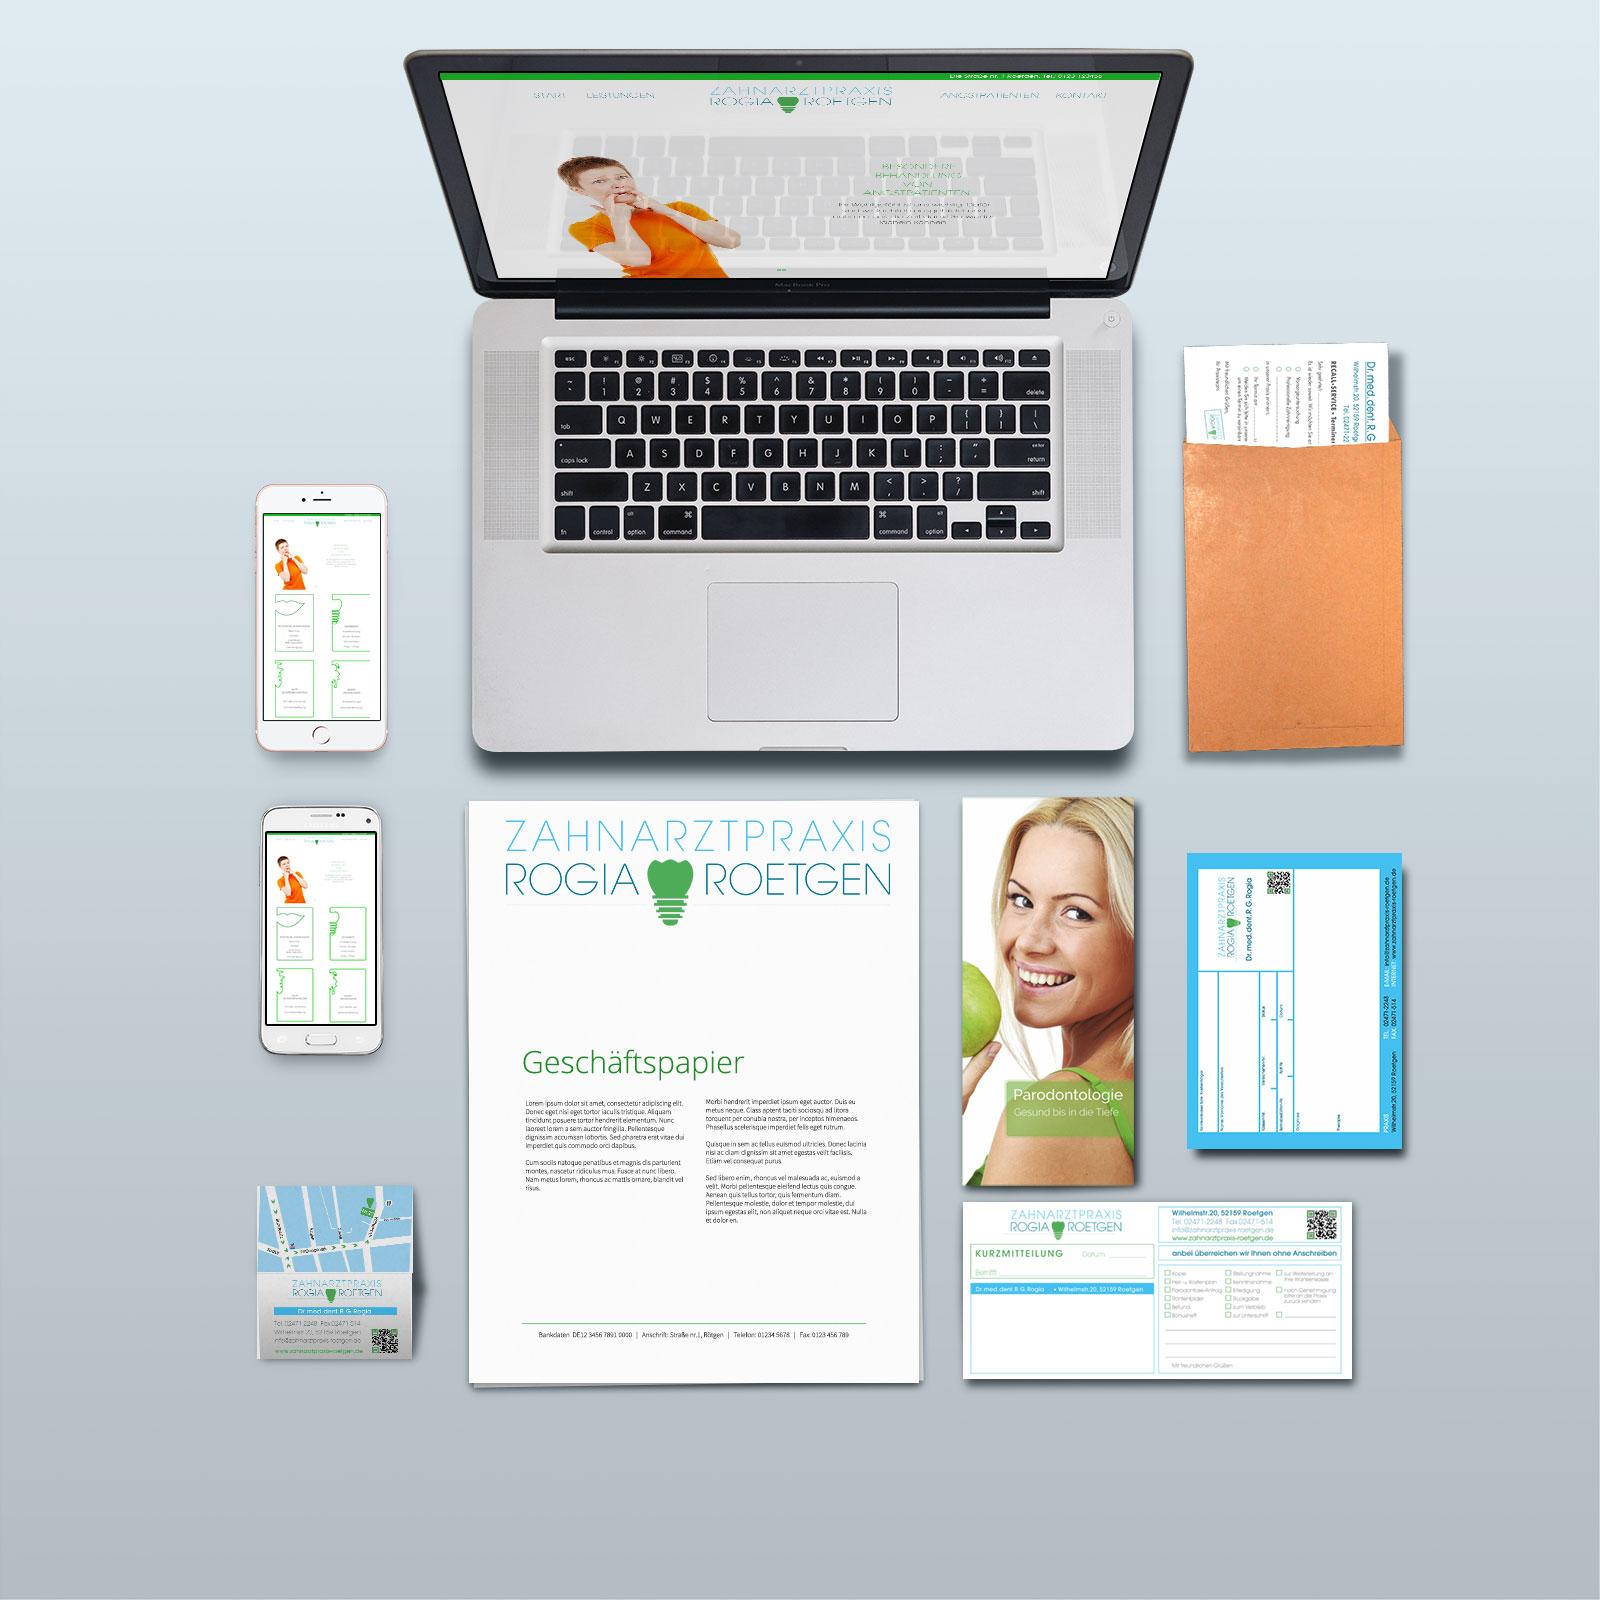 O-ZEN Design Portfolio Zahnarztpraxis Roetgen Corporate Identity dargestellt durch Laptop und Drucksachen